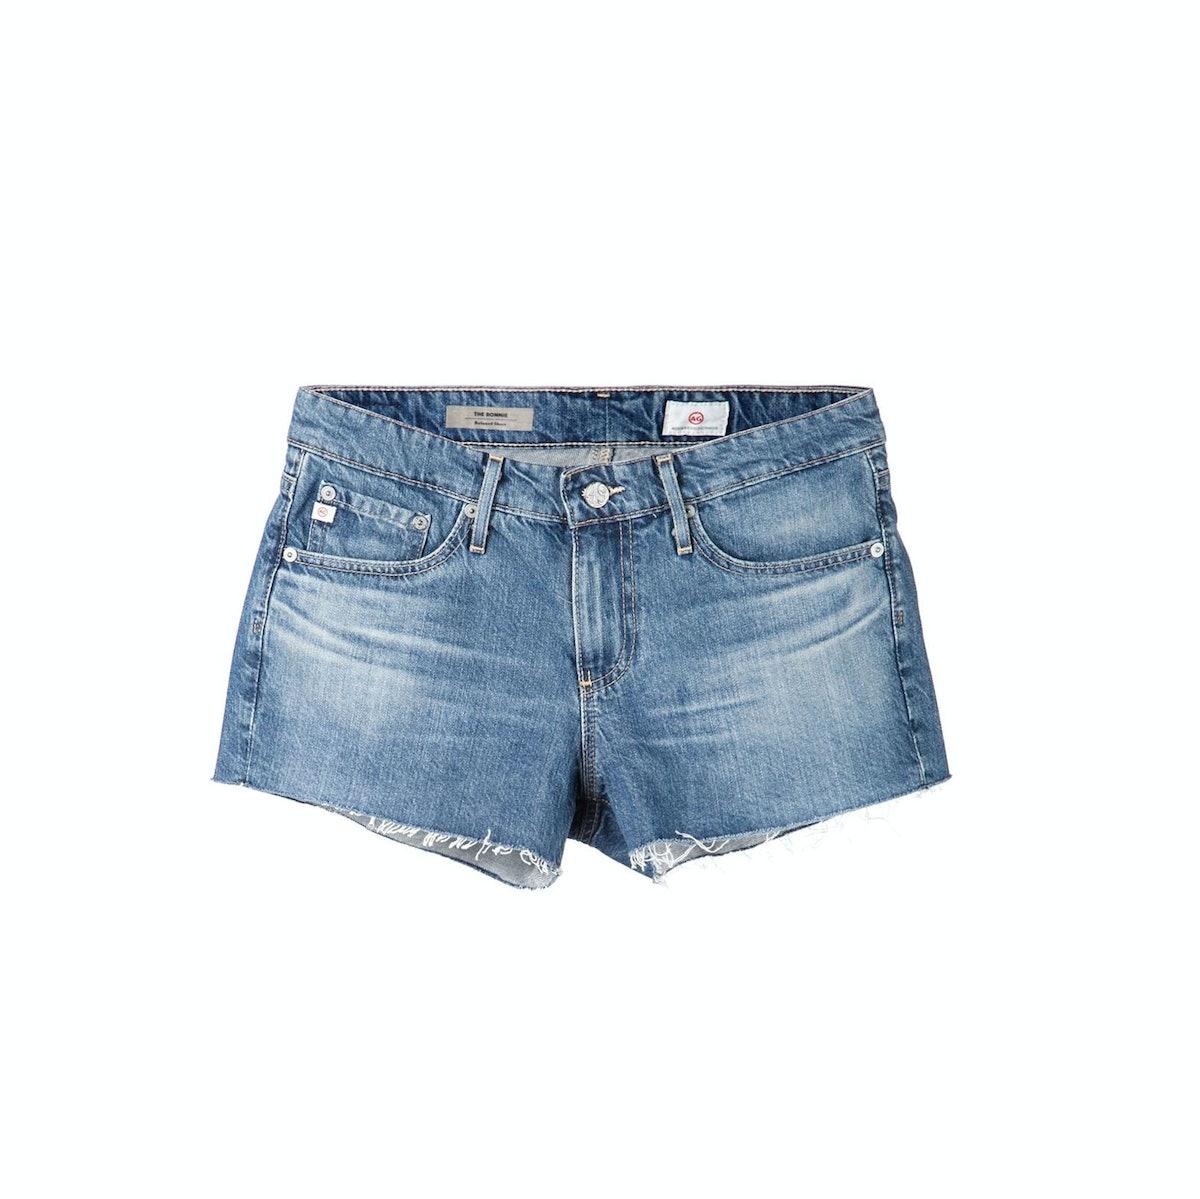 AG jeans denim shorts